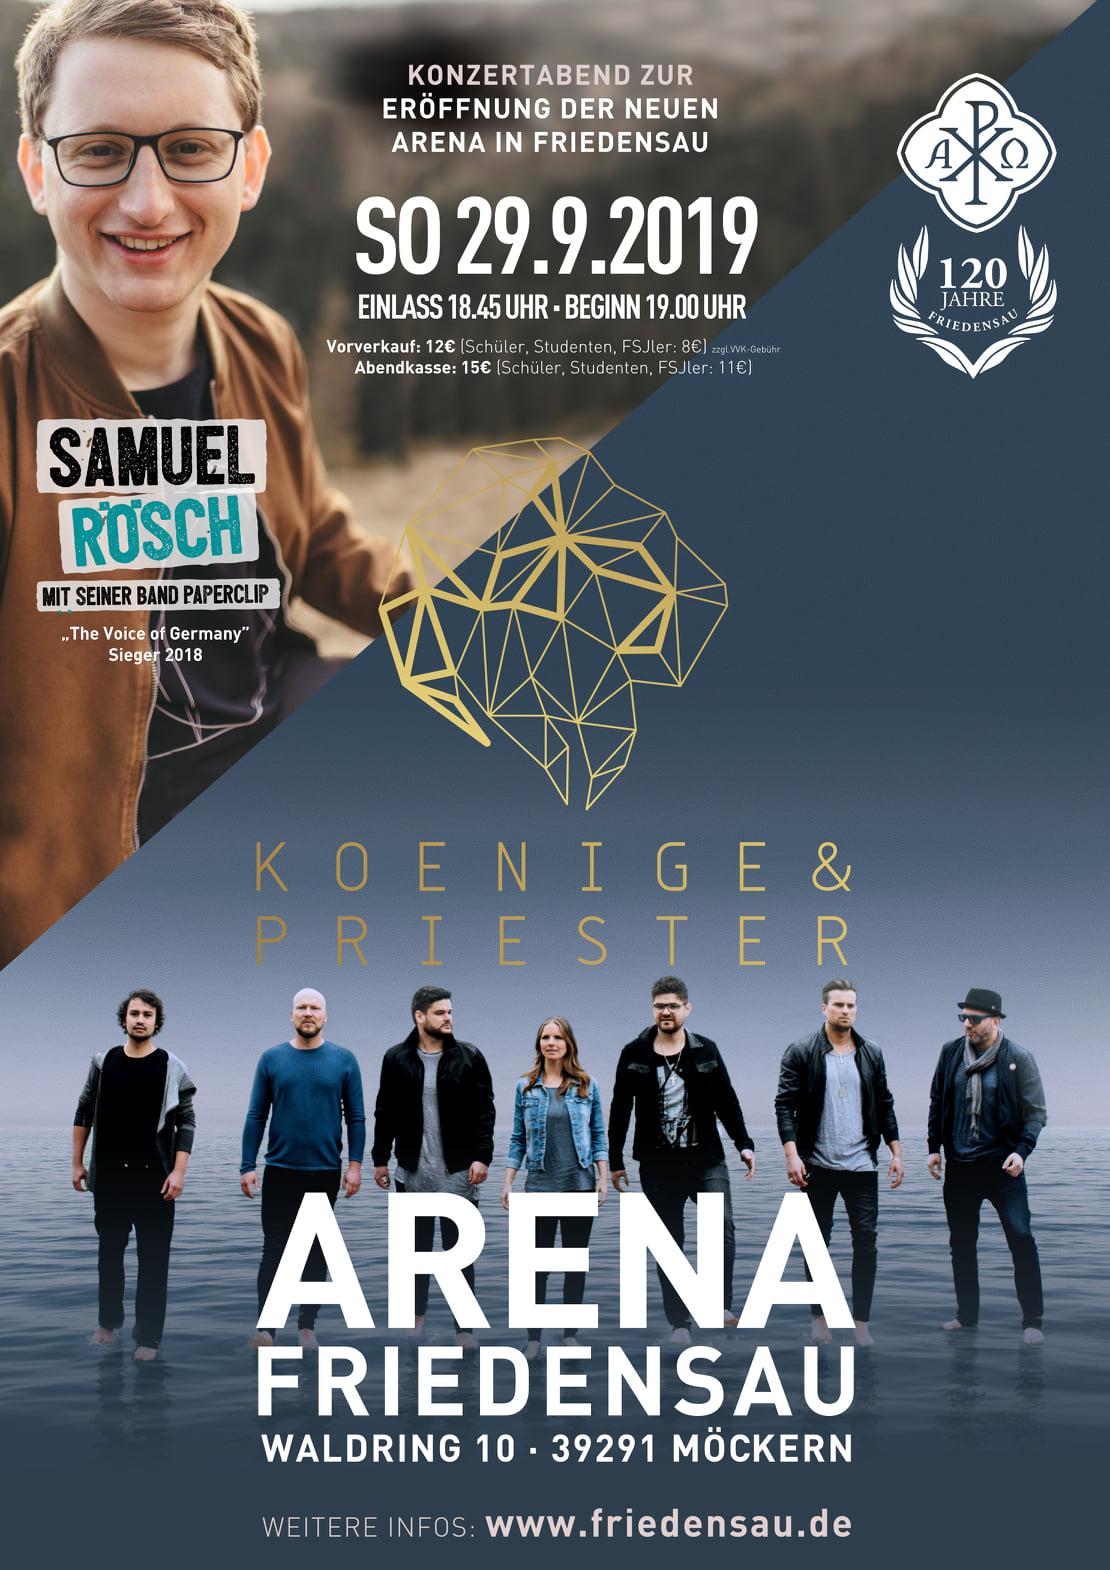 Konzert in der Arena Friedensau